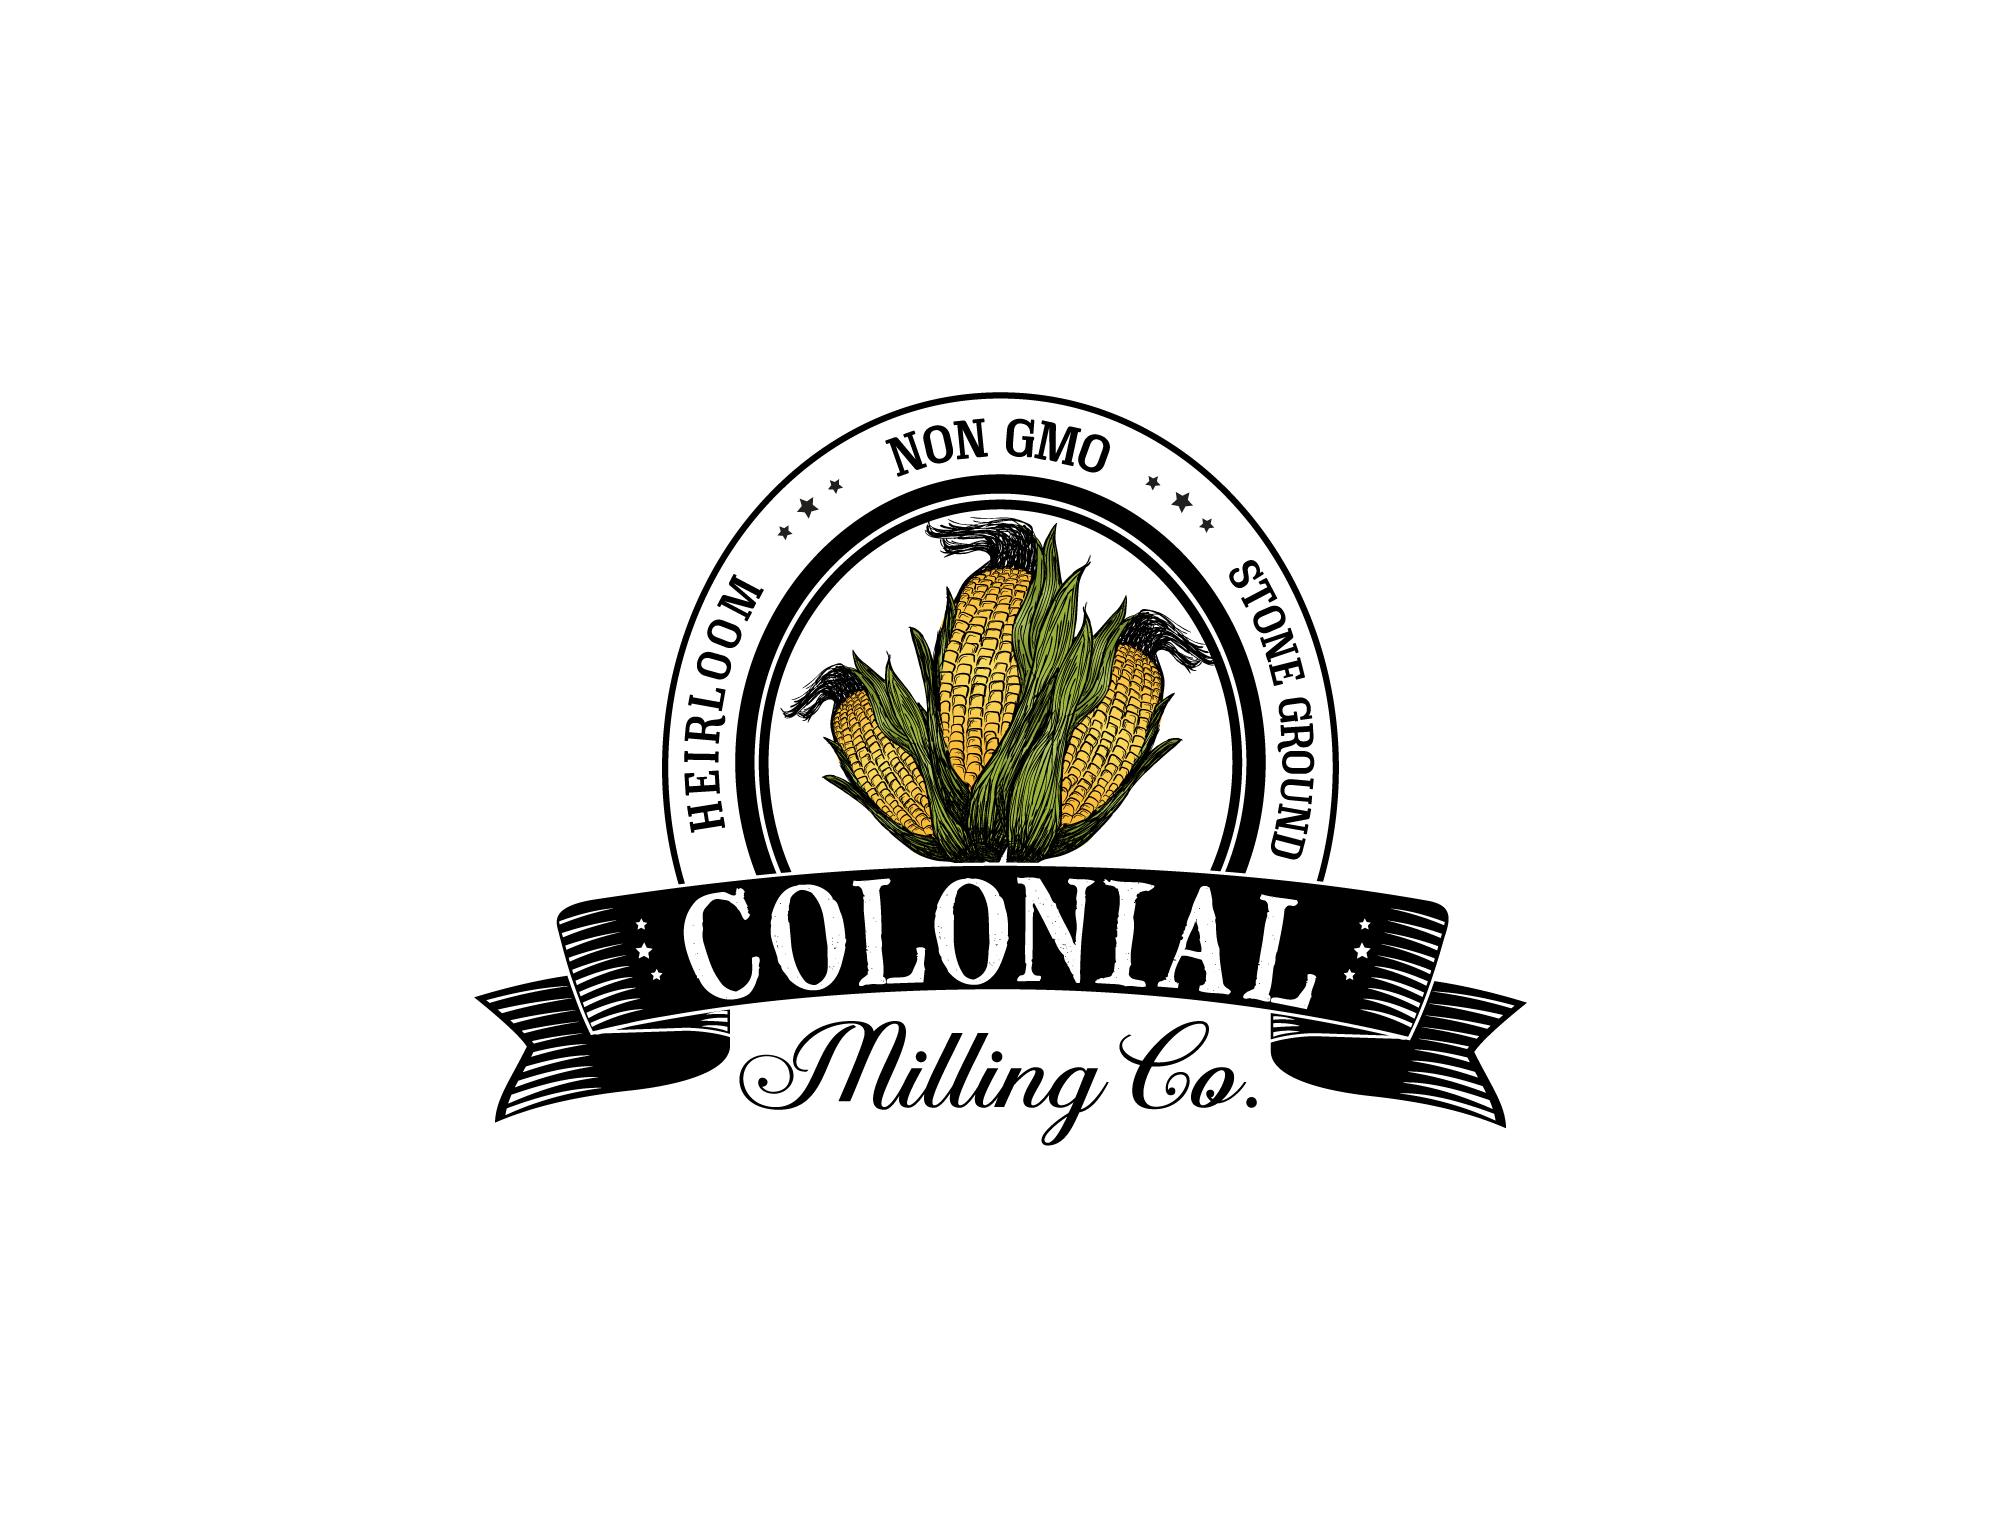 Pin By Gordana Sulc On Logo Design Southern Farms Non Gmo Gmo